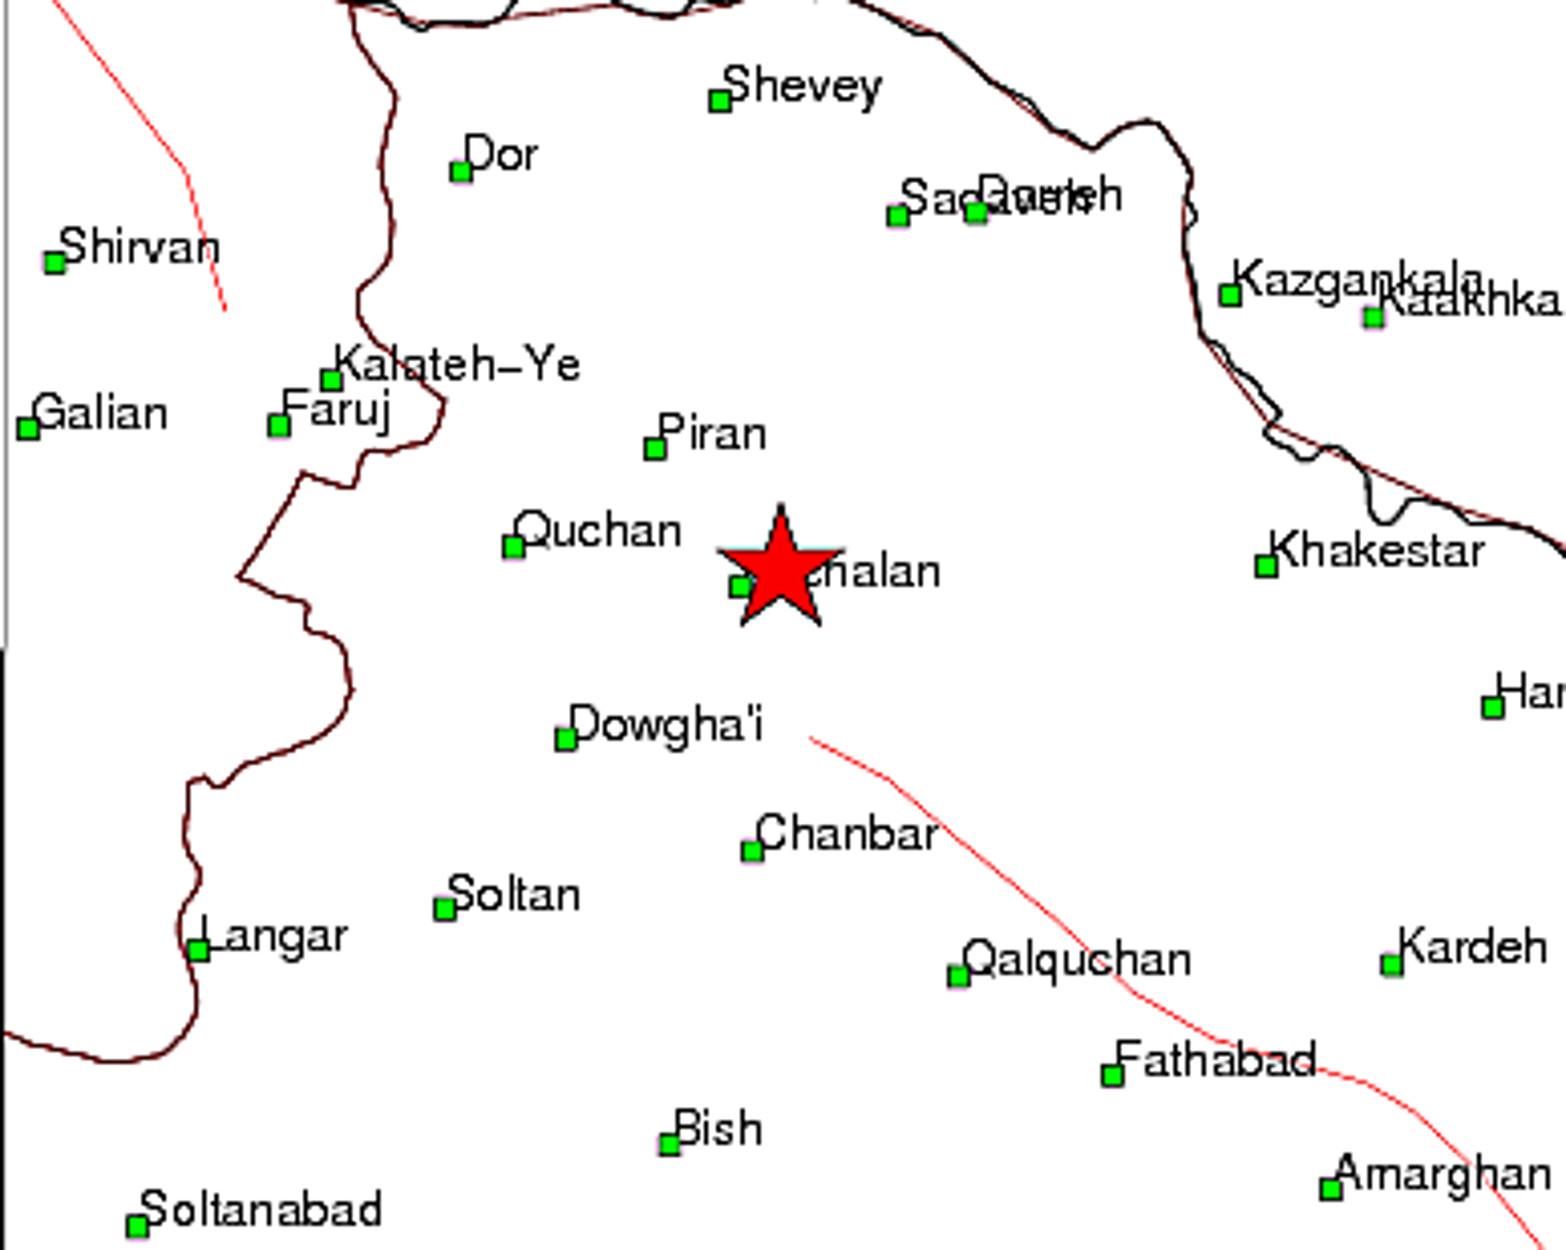 Σεισμός 5,2 Ρίχτερ στο Ιράν